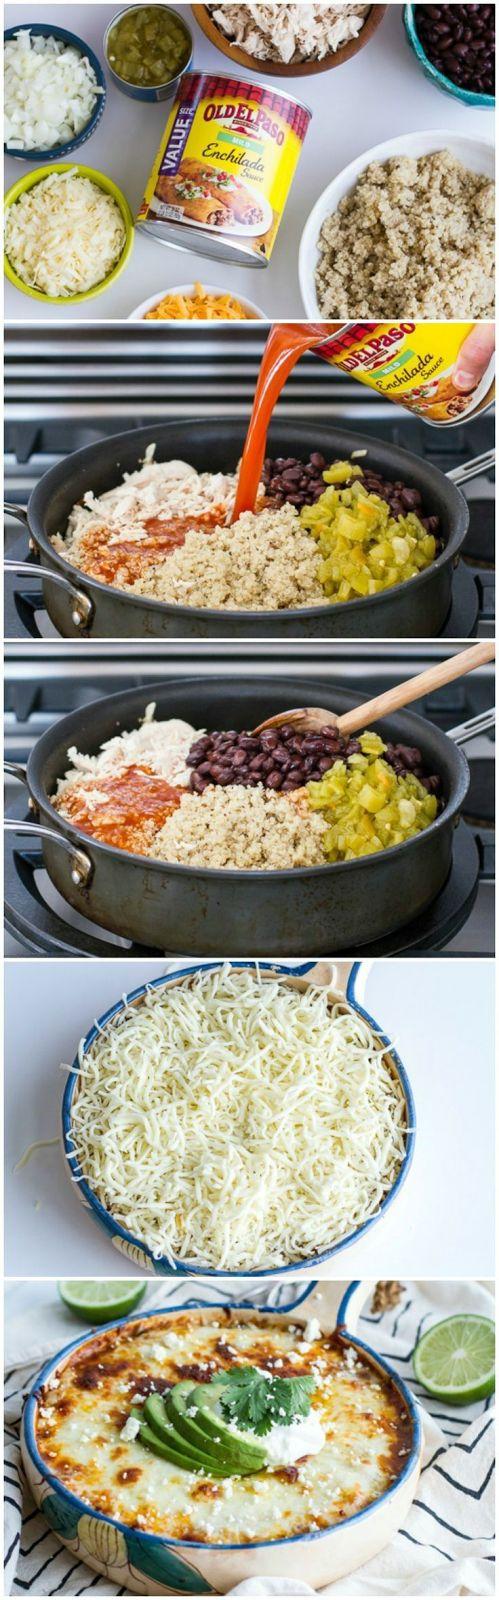 Foodie Place: Chicken Enchilada Quinoa Bake